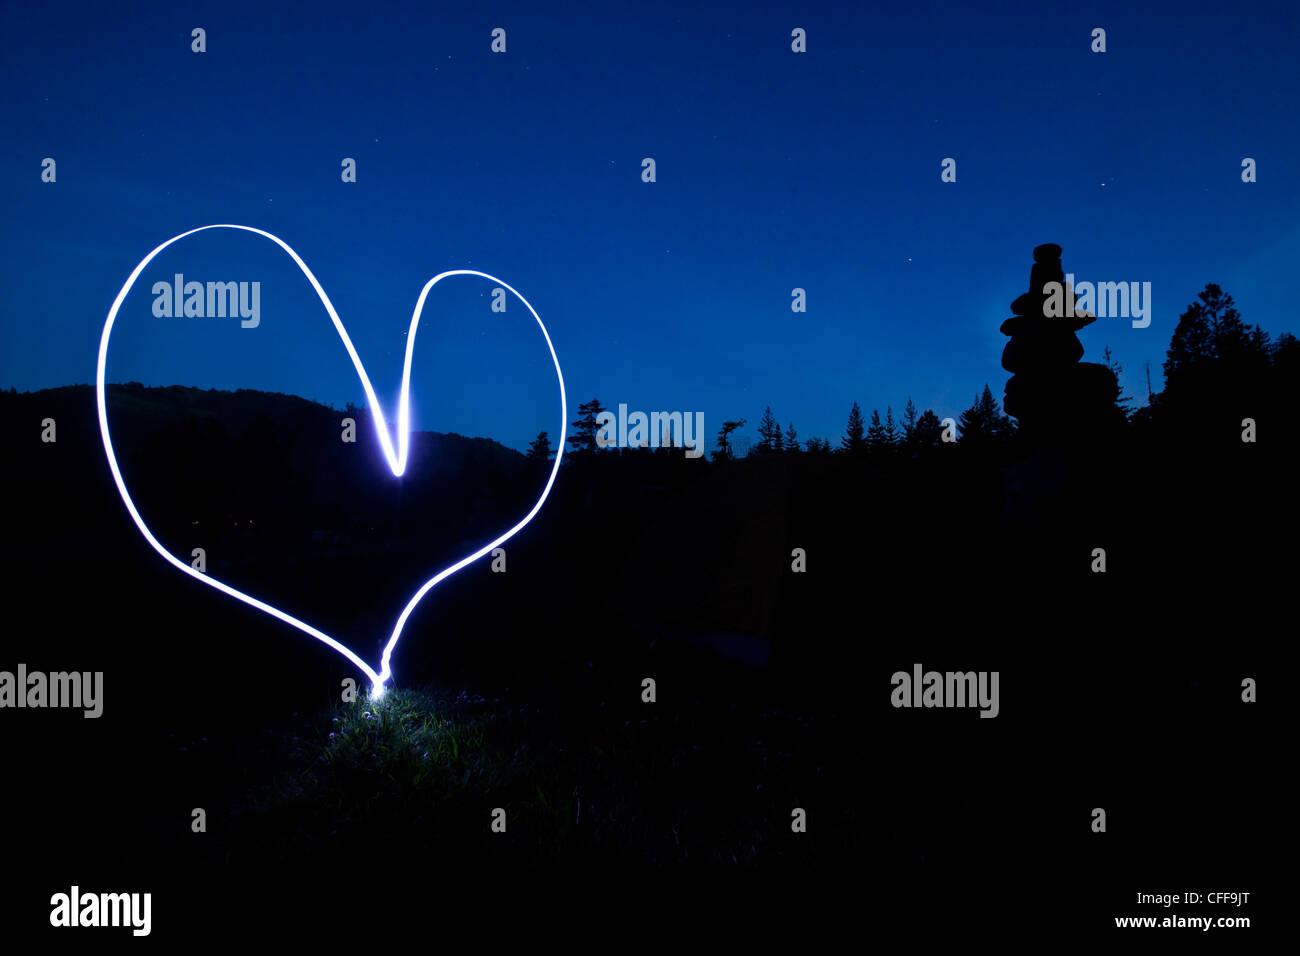 Une peinture d'un cœur au coucher du soleil dans l'Idaho. Banque D'Images